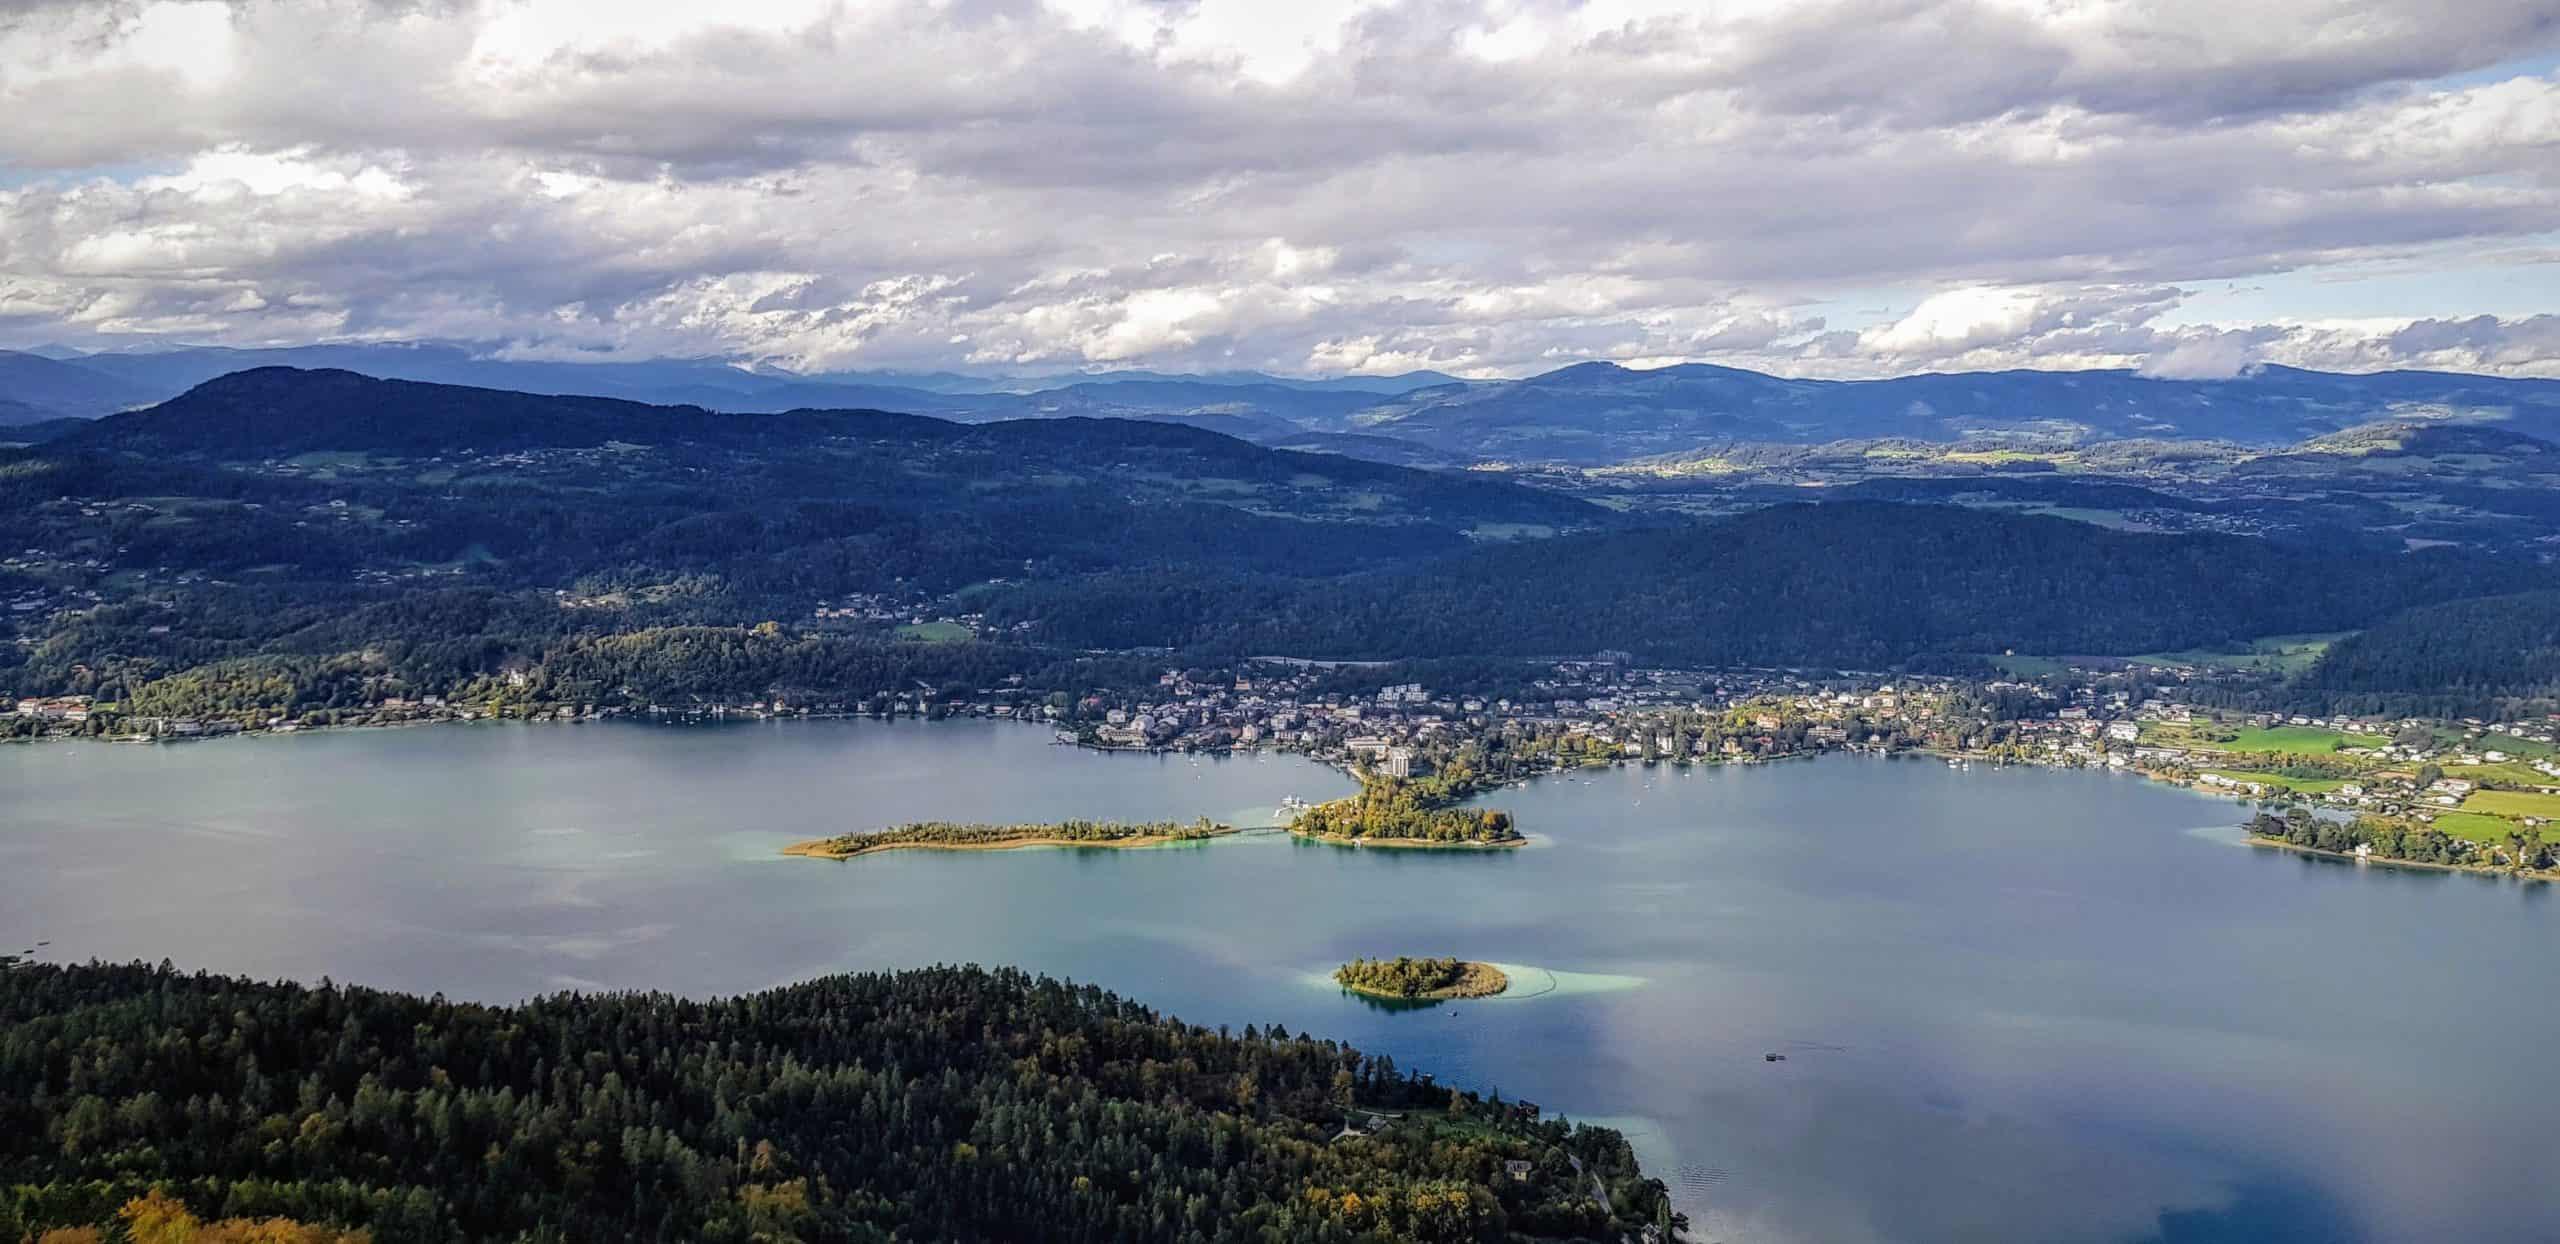 Wörthersee mit Pörtschach und Inseln im Herbst bei Ausflug auf Pyramidenkogel in Kärnten